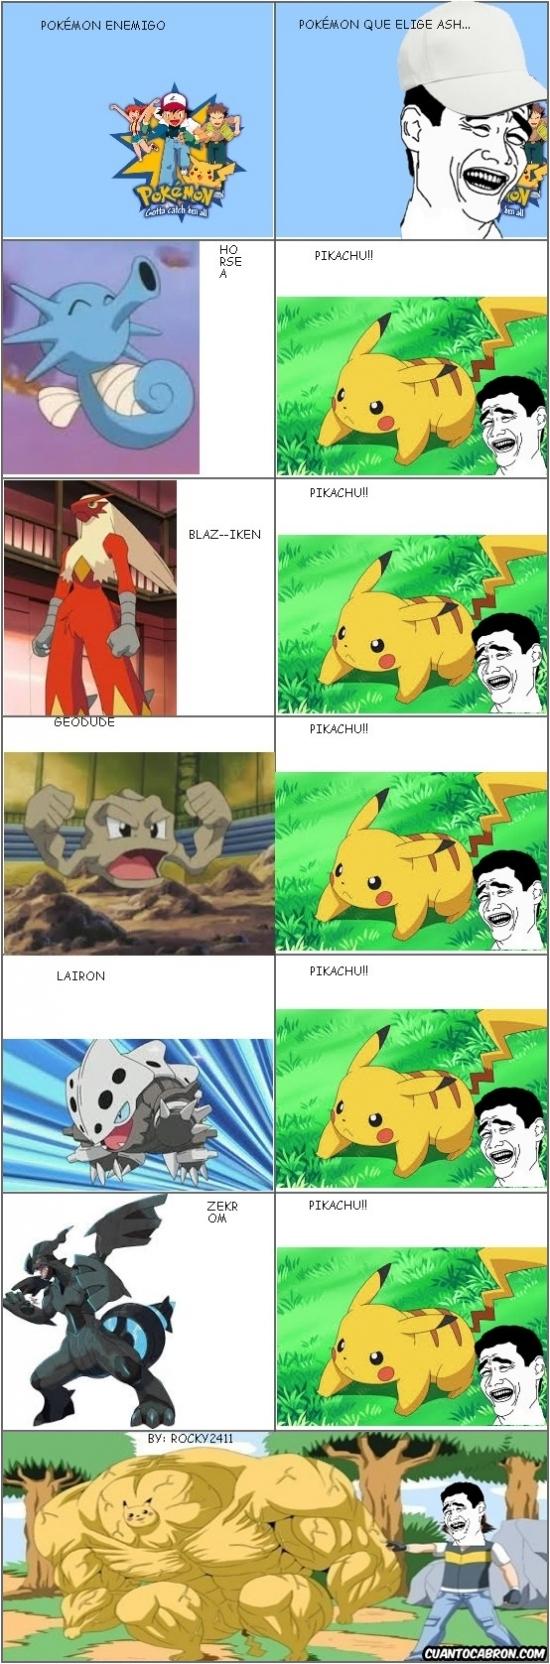 Yao - Y así es como uno acaba teniendo al Pokémon más potente de la historia